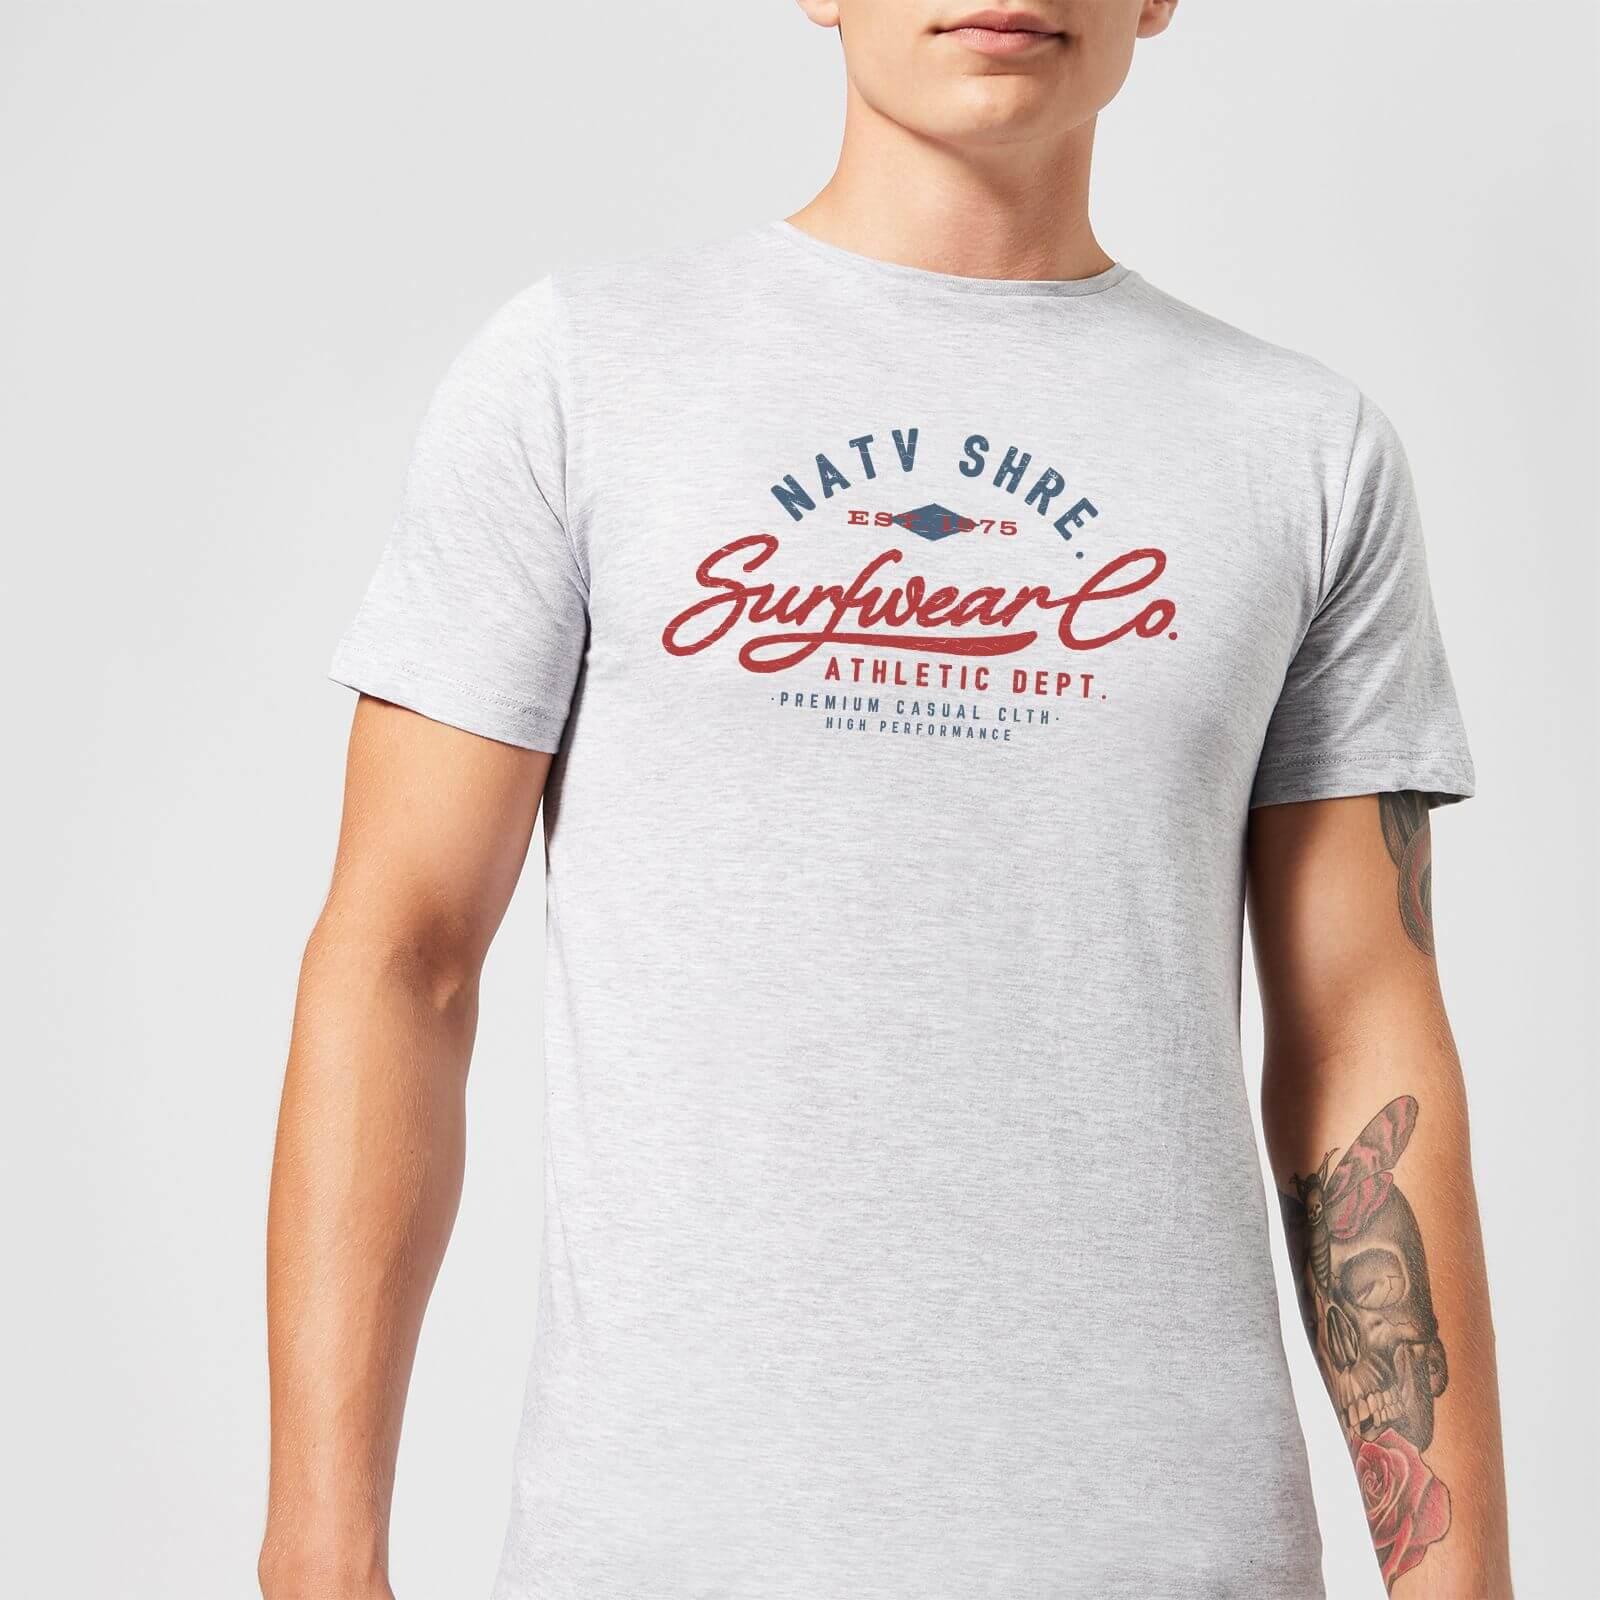 Native Shore Athletic DEPT. Men's T-Shirt - Grey - 3XL - Grey